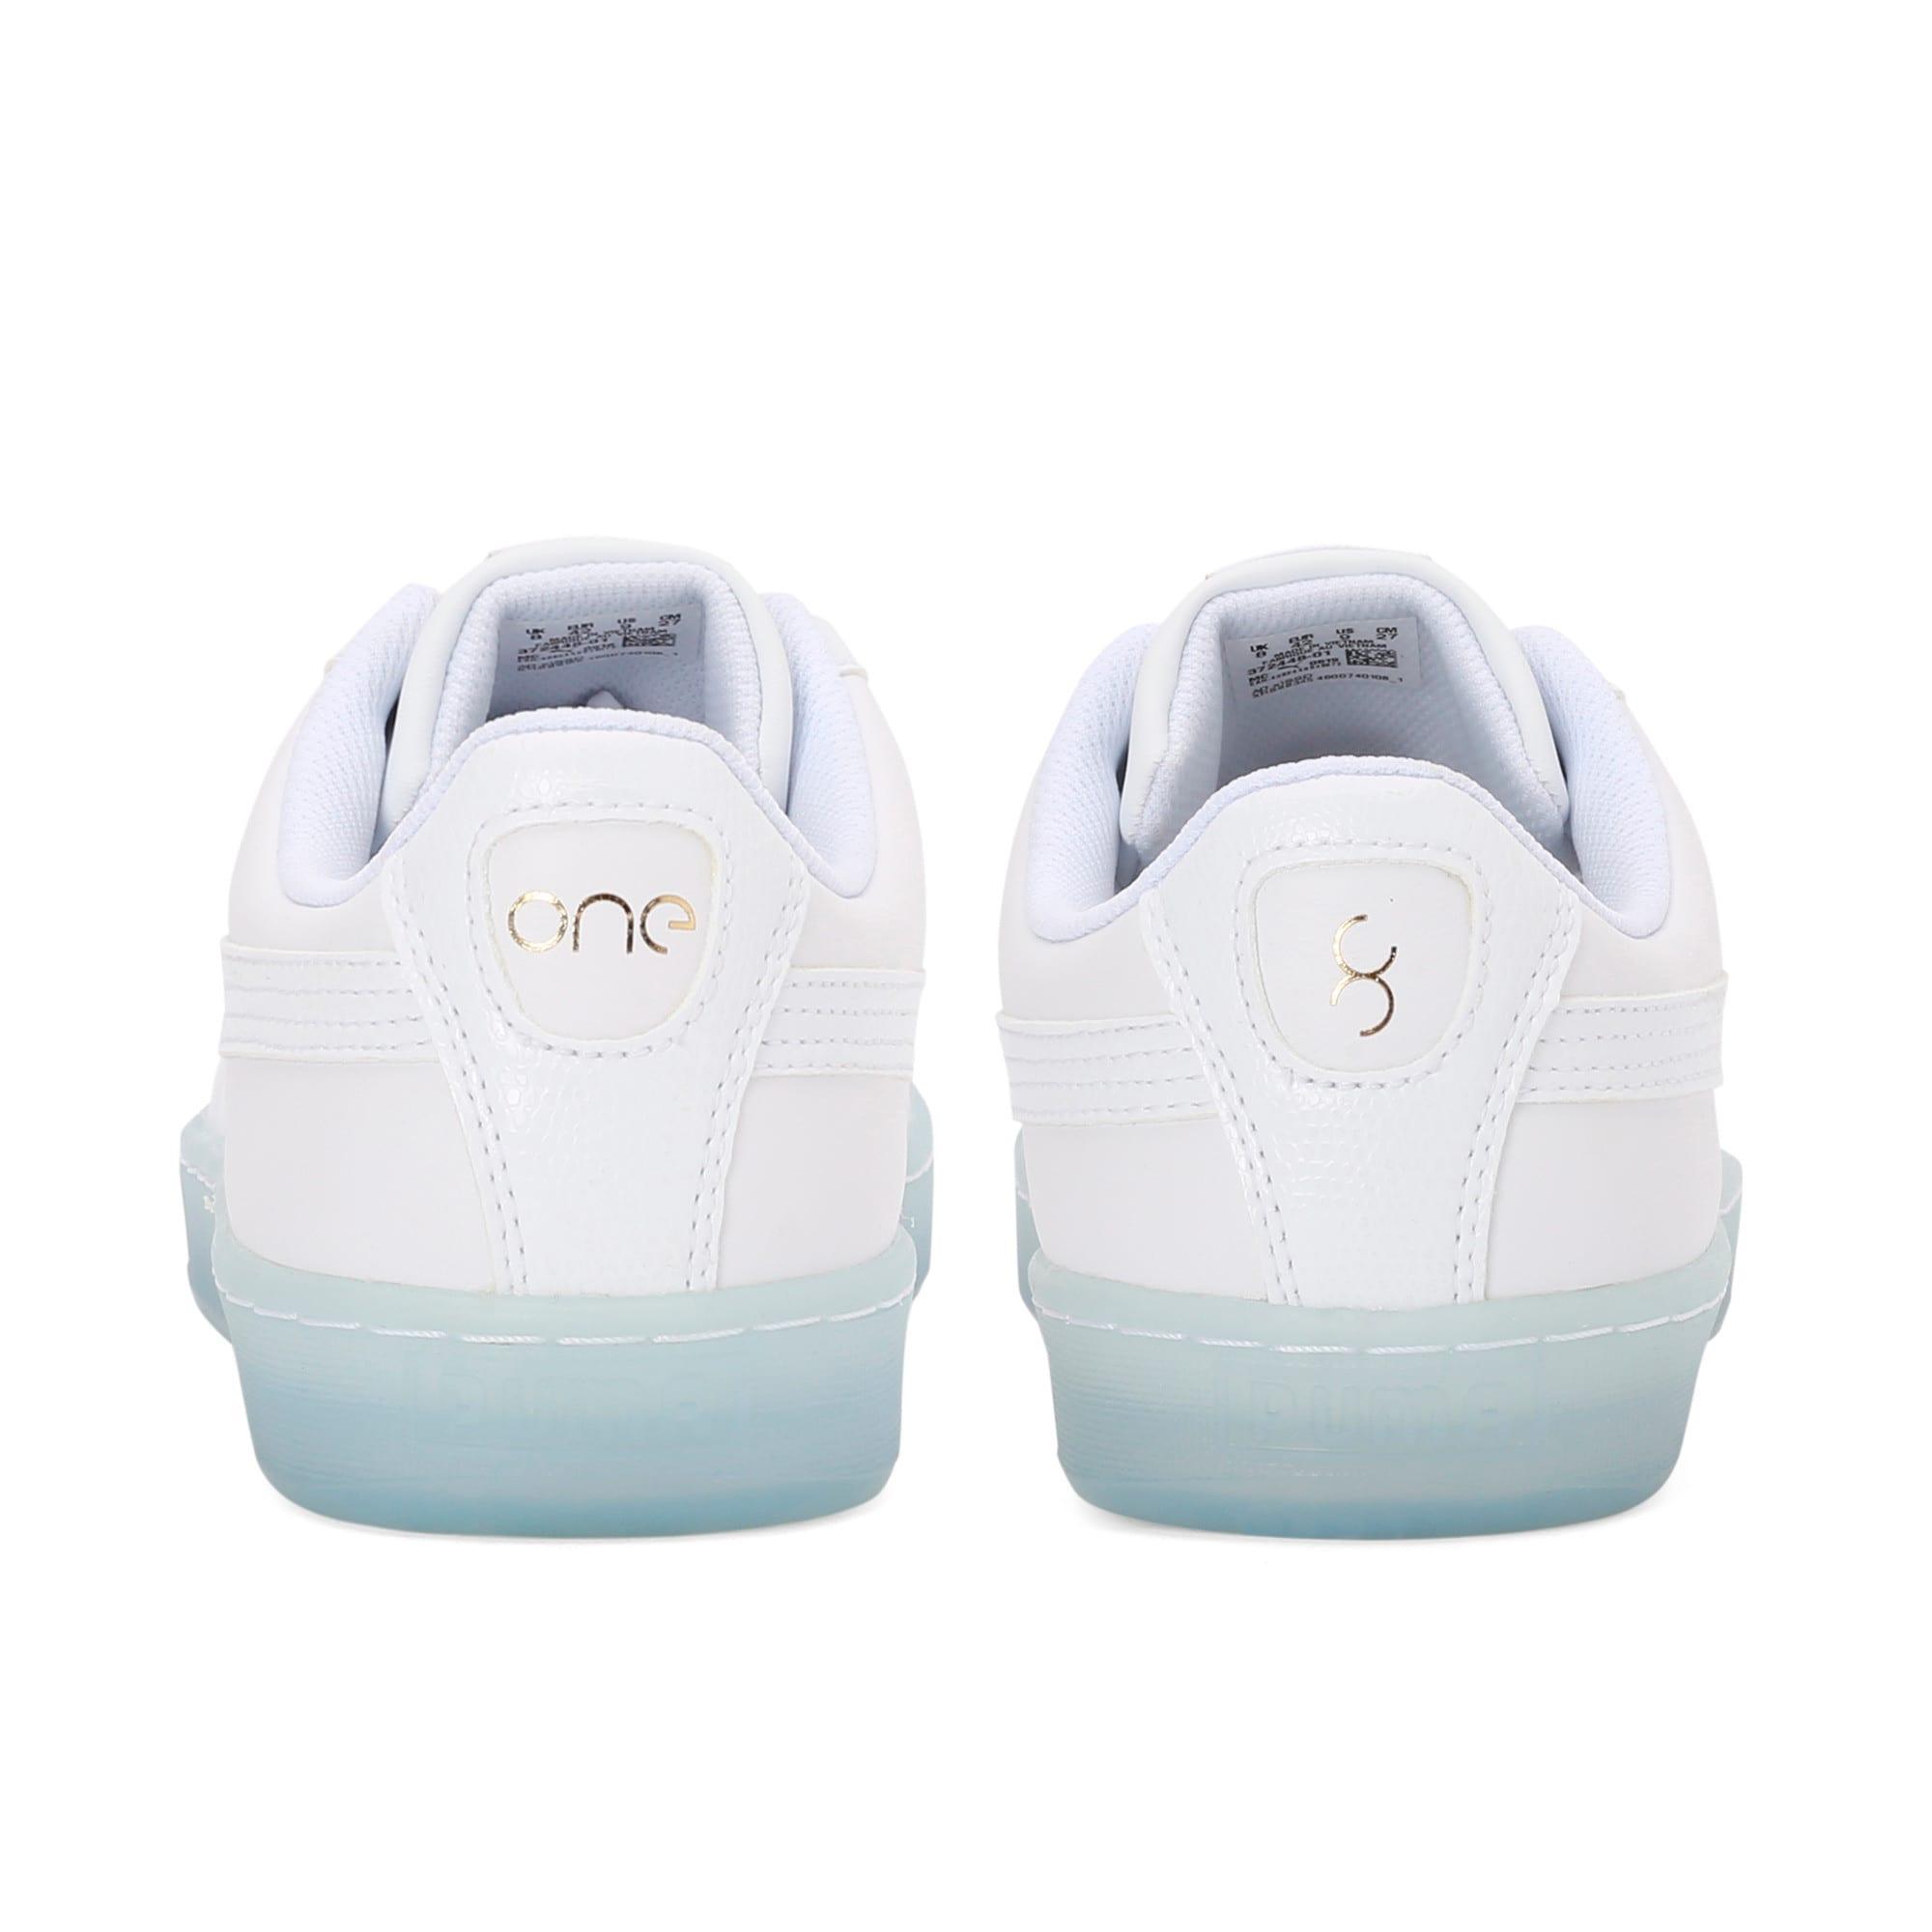 promo code 9a3da e7ff4 Basket Classic Reptile one8 Unisex Sneakers